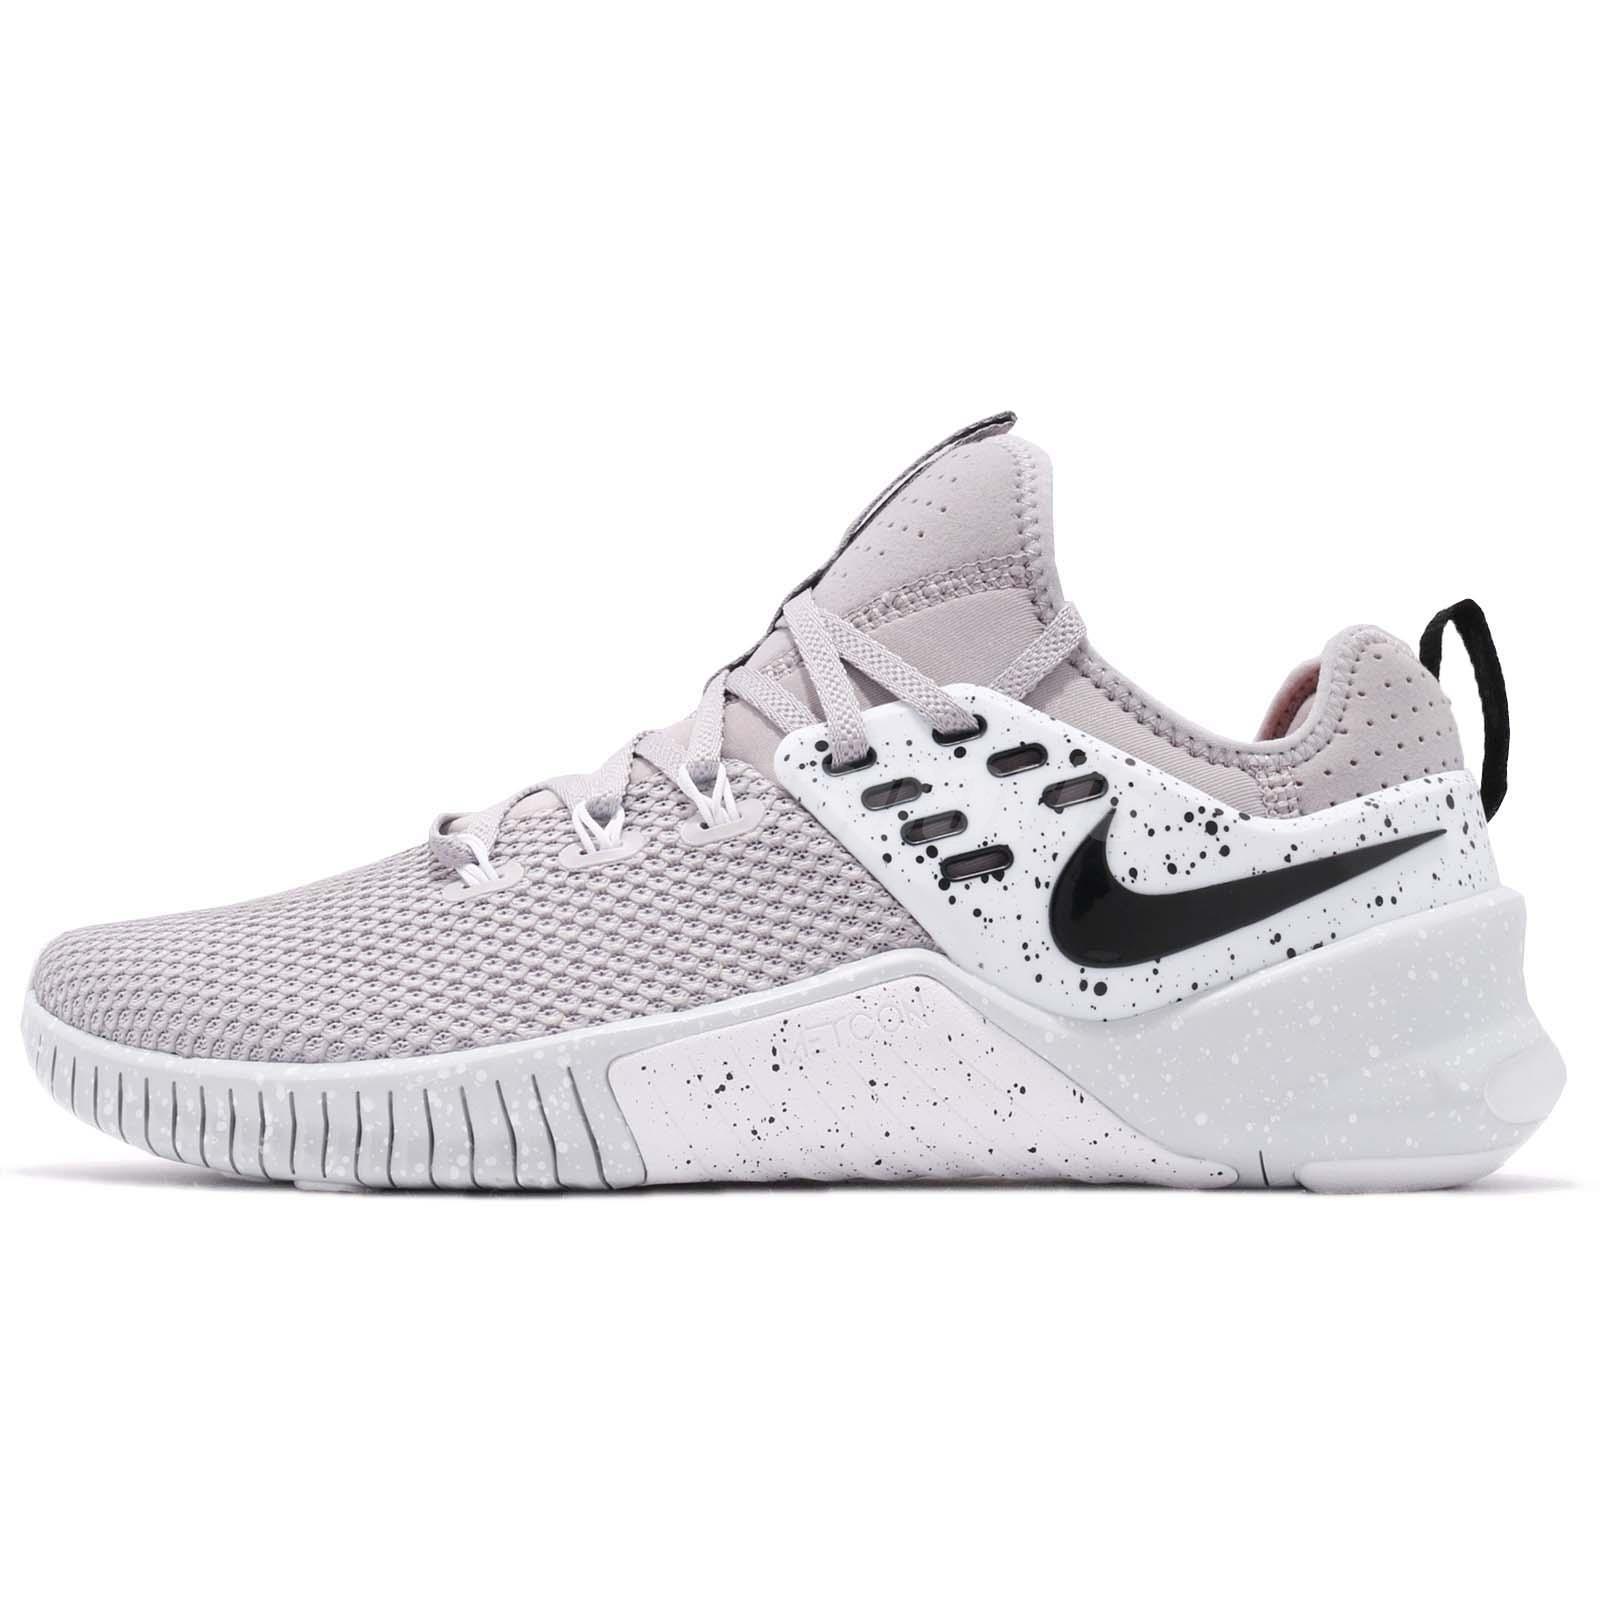 9c825f06d8543 Nike Free x Metcon Atmosphere Grey Men CrossFit Training Shoes AH8141-004